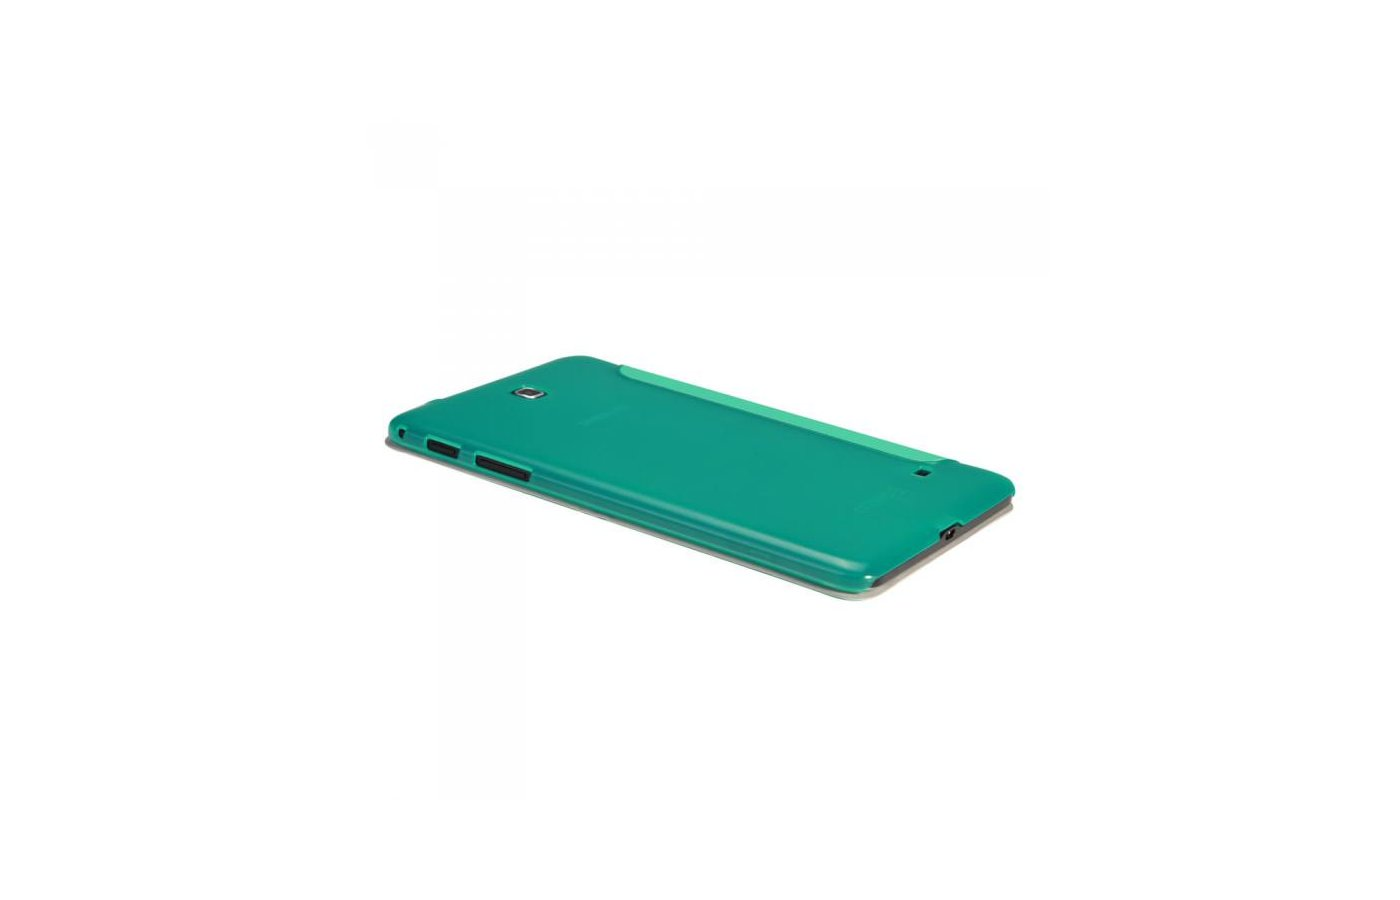 Чехол для планшетного ПК IT BAGGAGE для SAMSUNG Galaxy Tab4 8 hard case искус. кожа бирюзовый с тонированной задней стенкой I